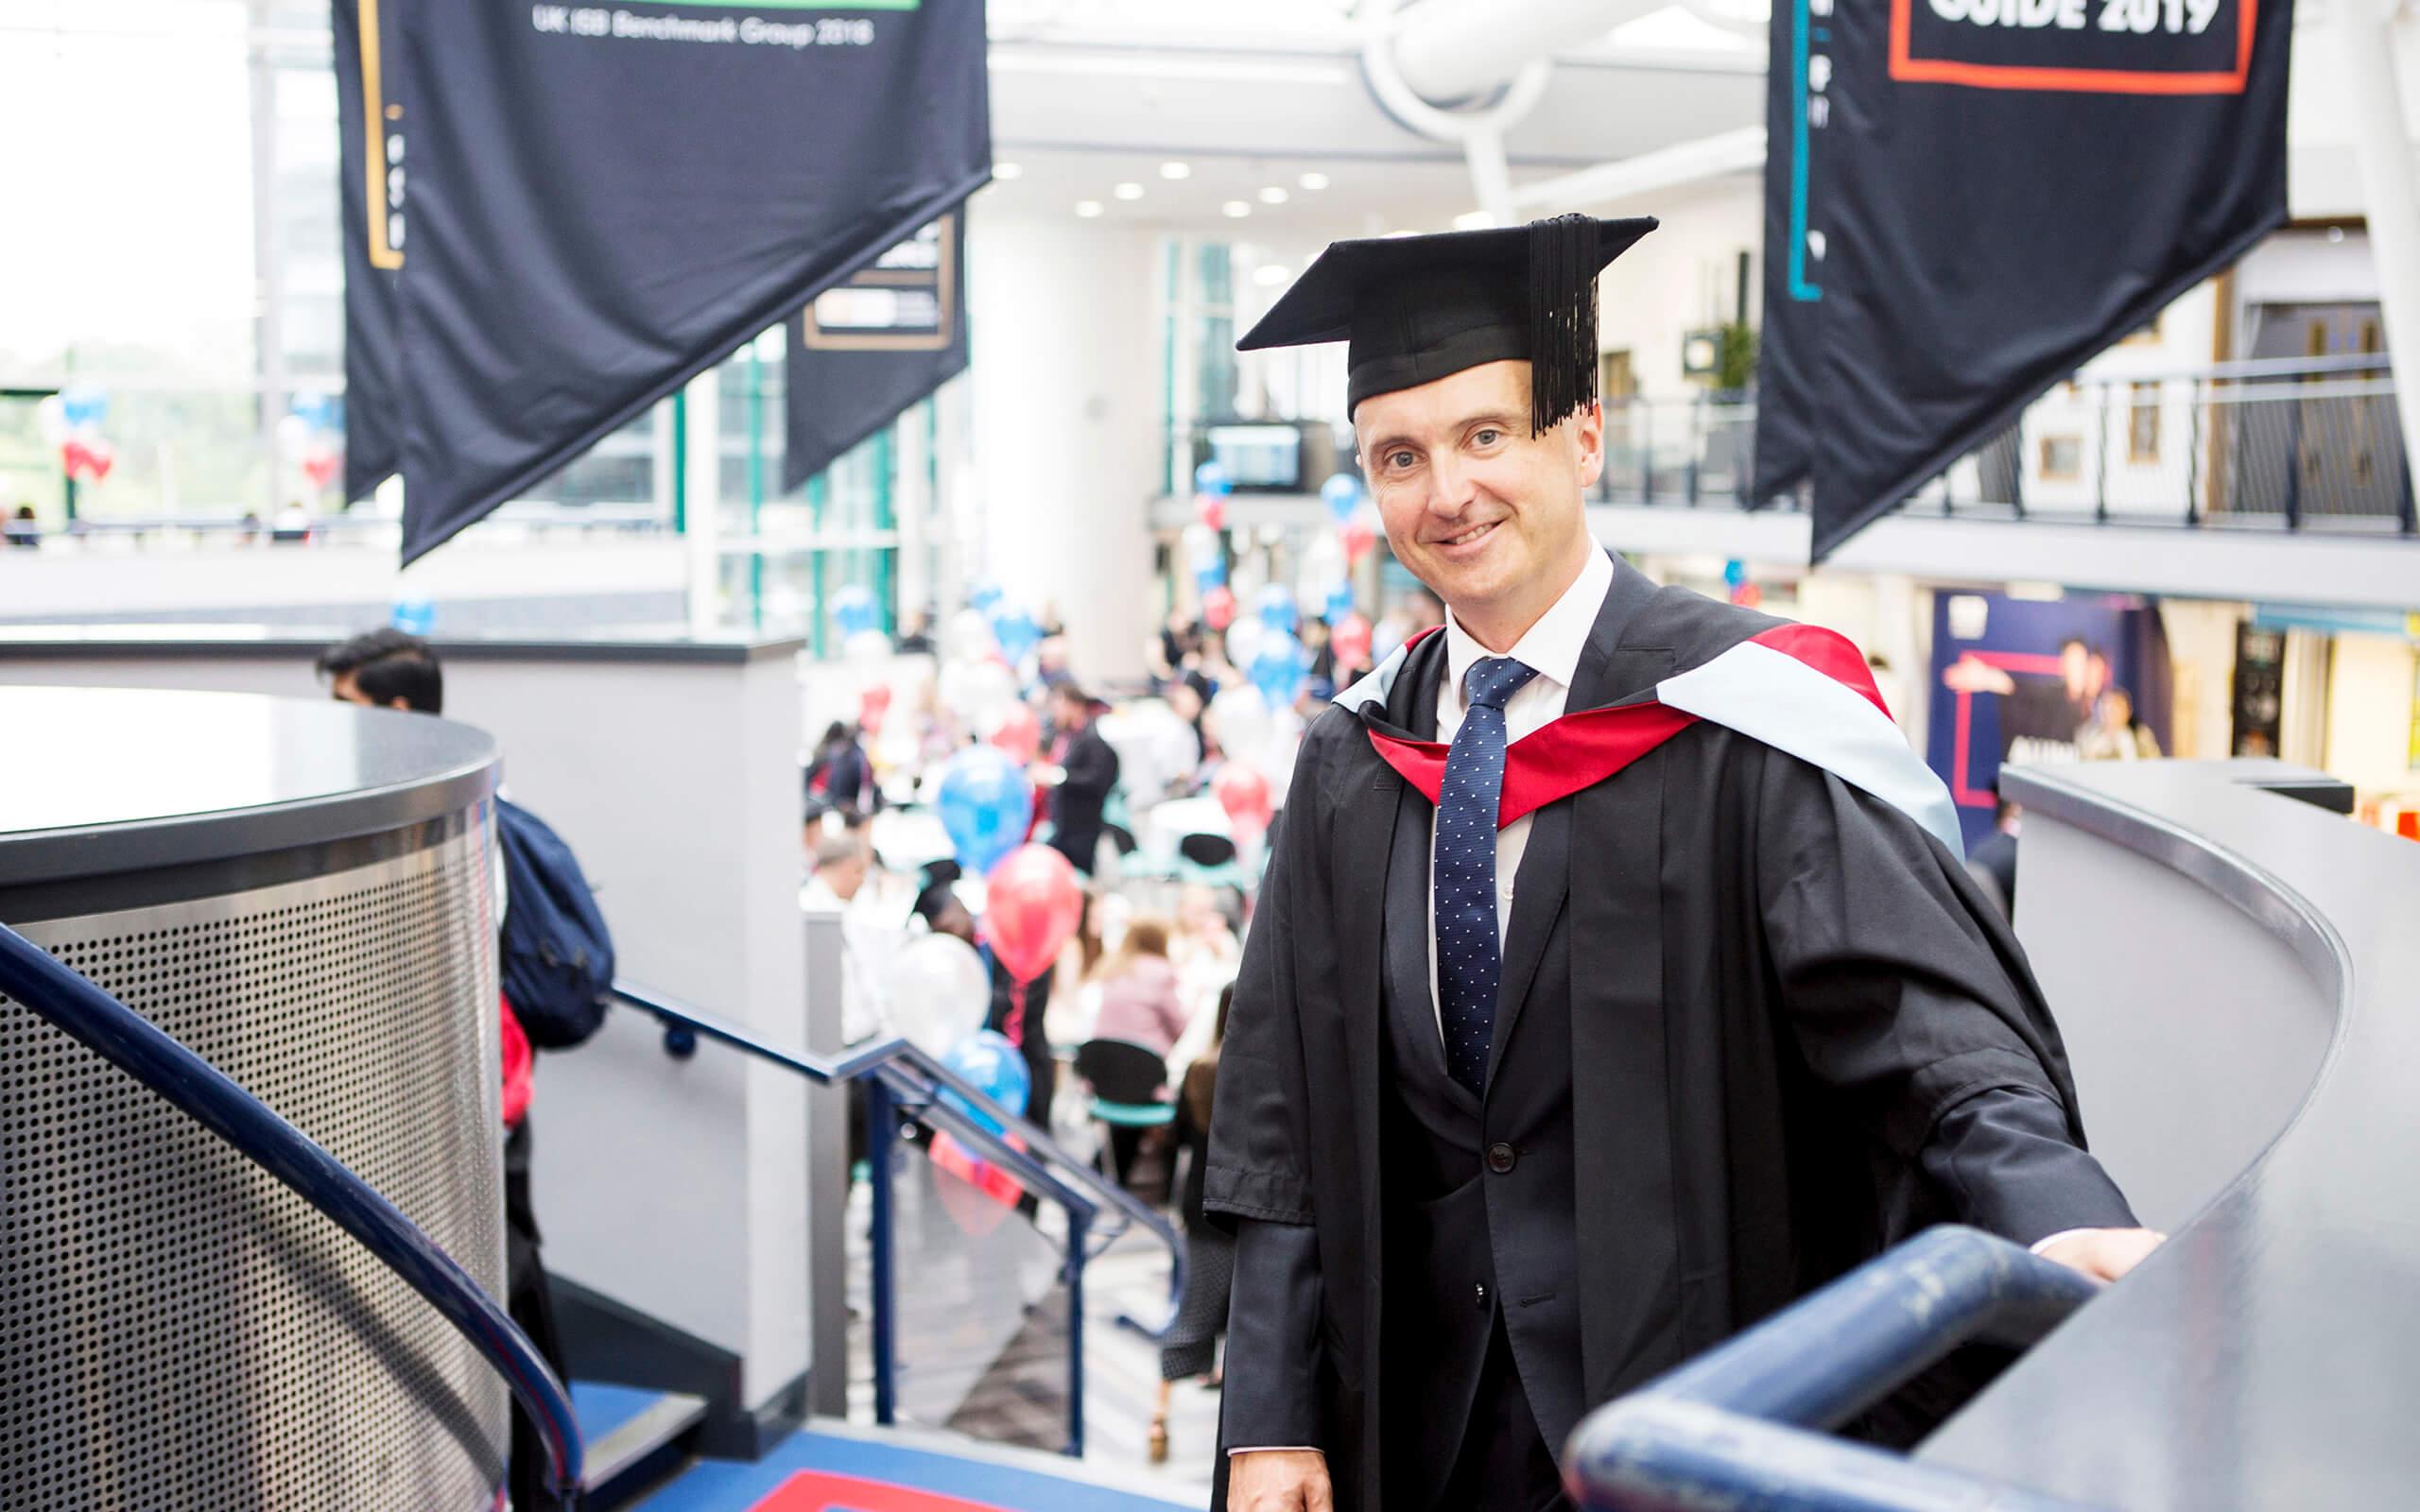 Nick Goddard stood smiling at his graduation